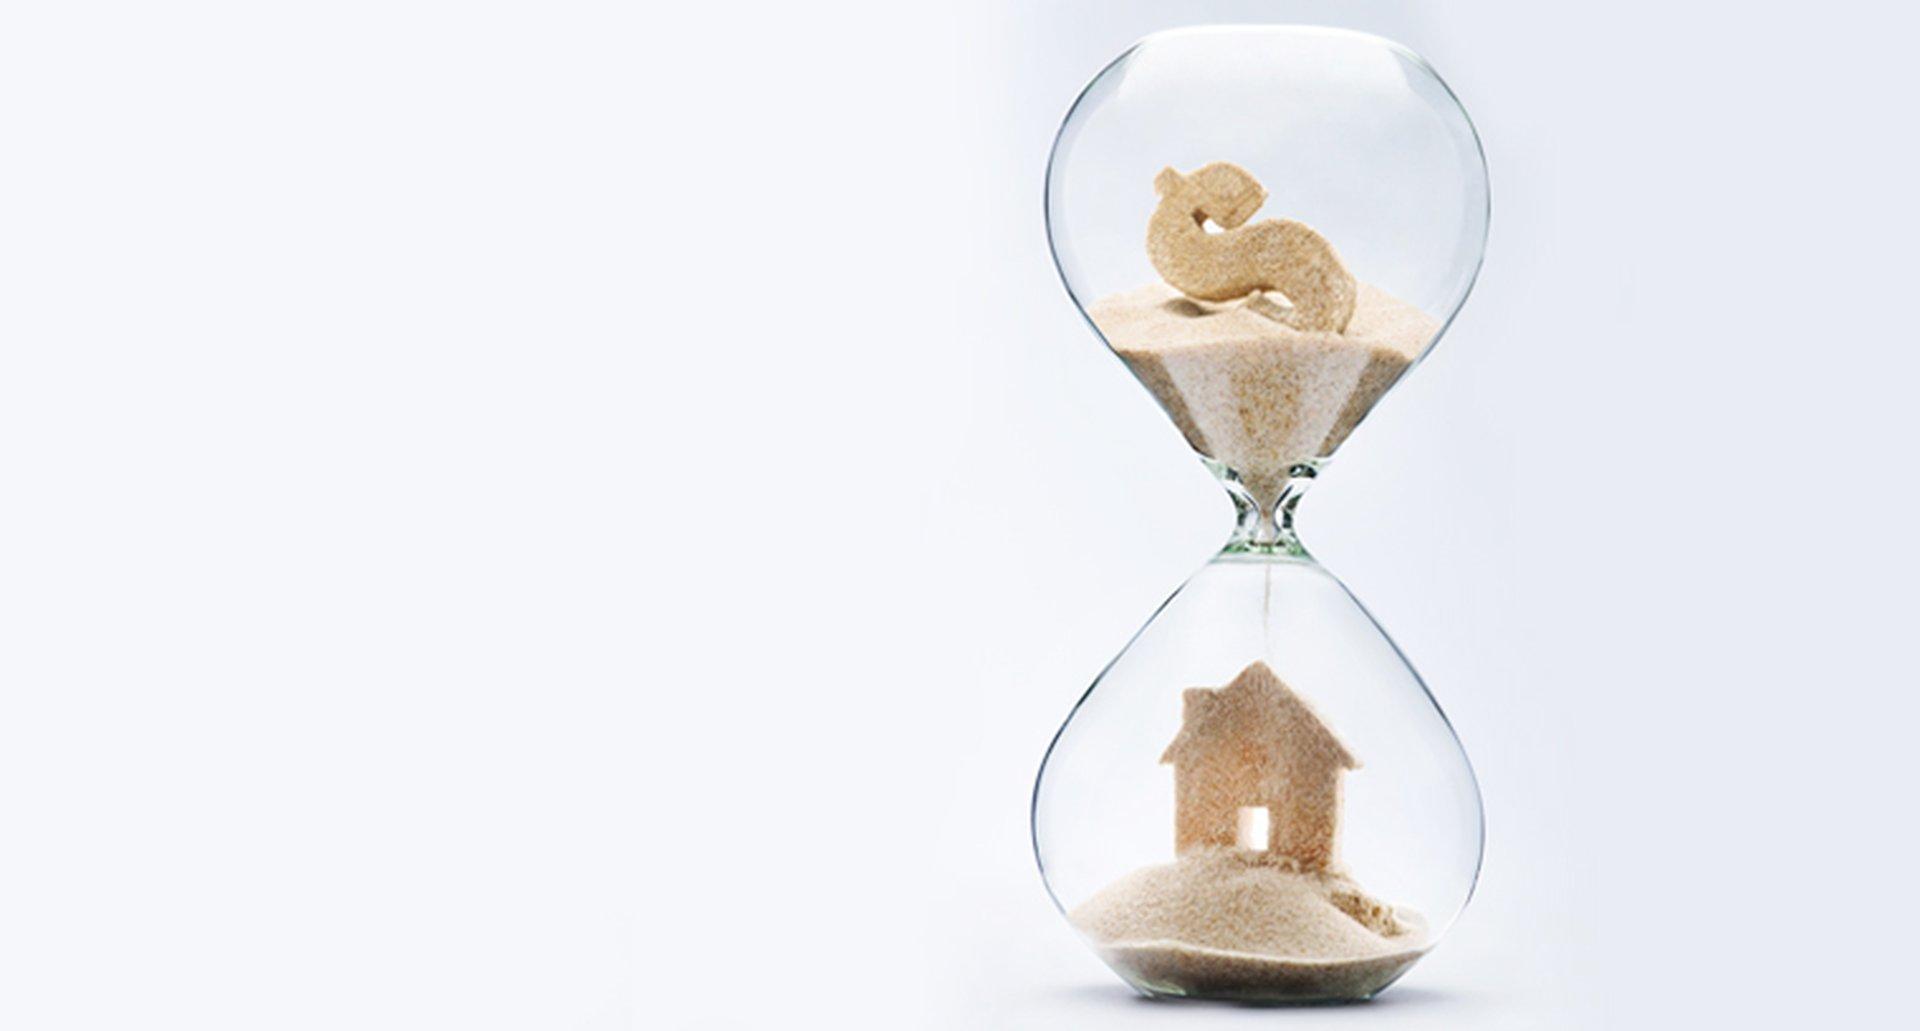 Mit der Zeit verändert sich der Wert einer Immobilie